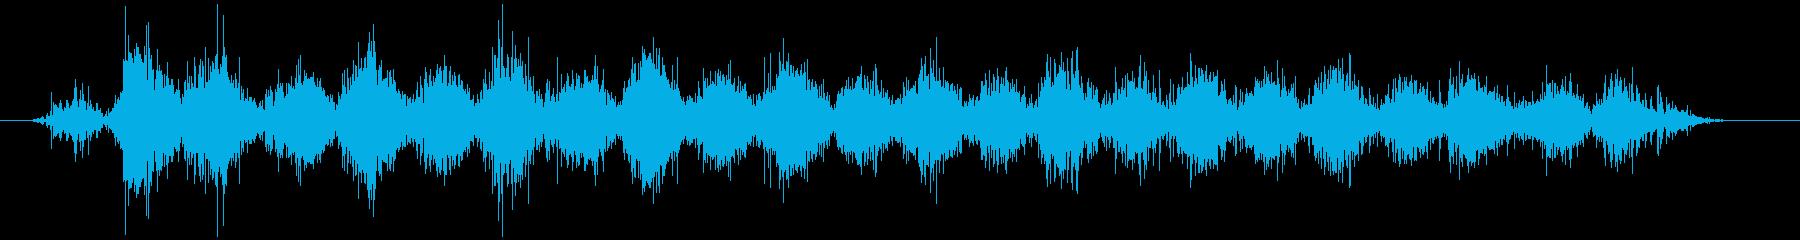 スモールビーズフィルドレインスティ...の再生済みの波形